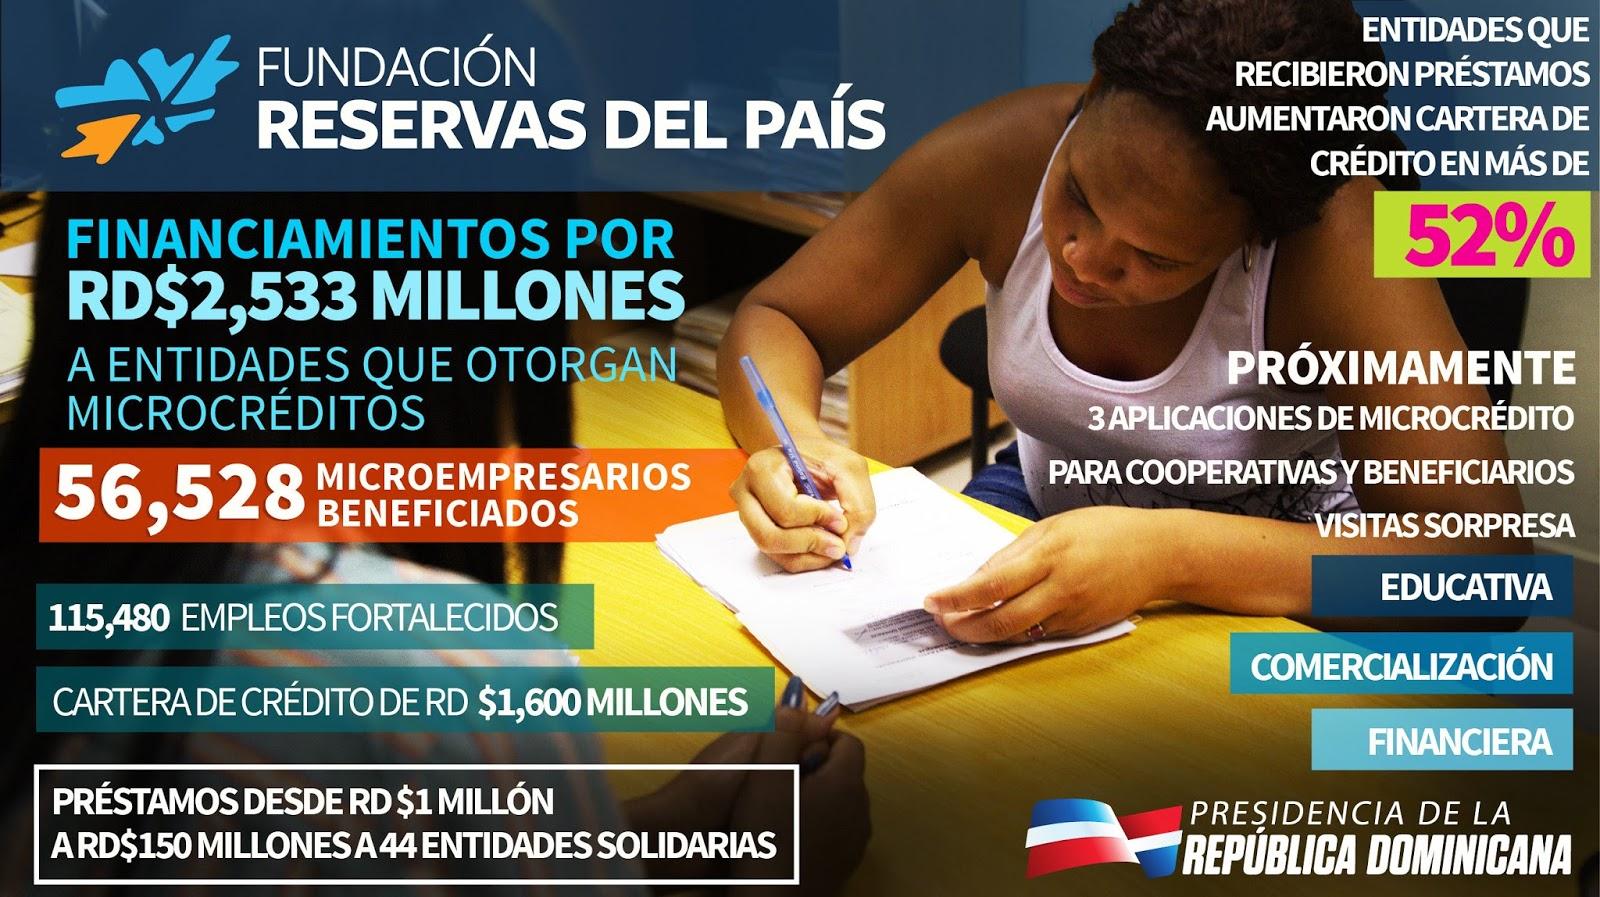 Fundación Reservas del País. Infografía